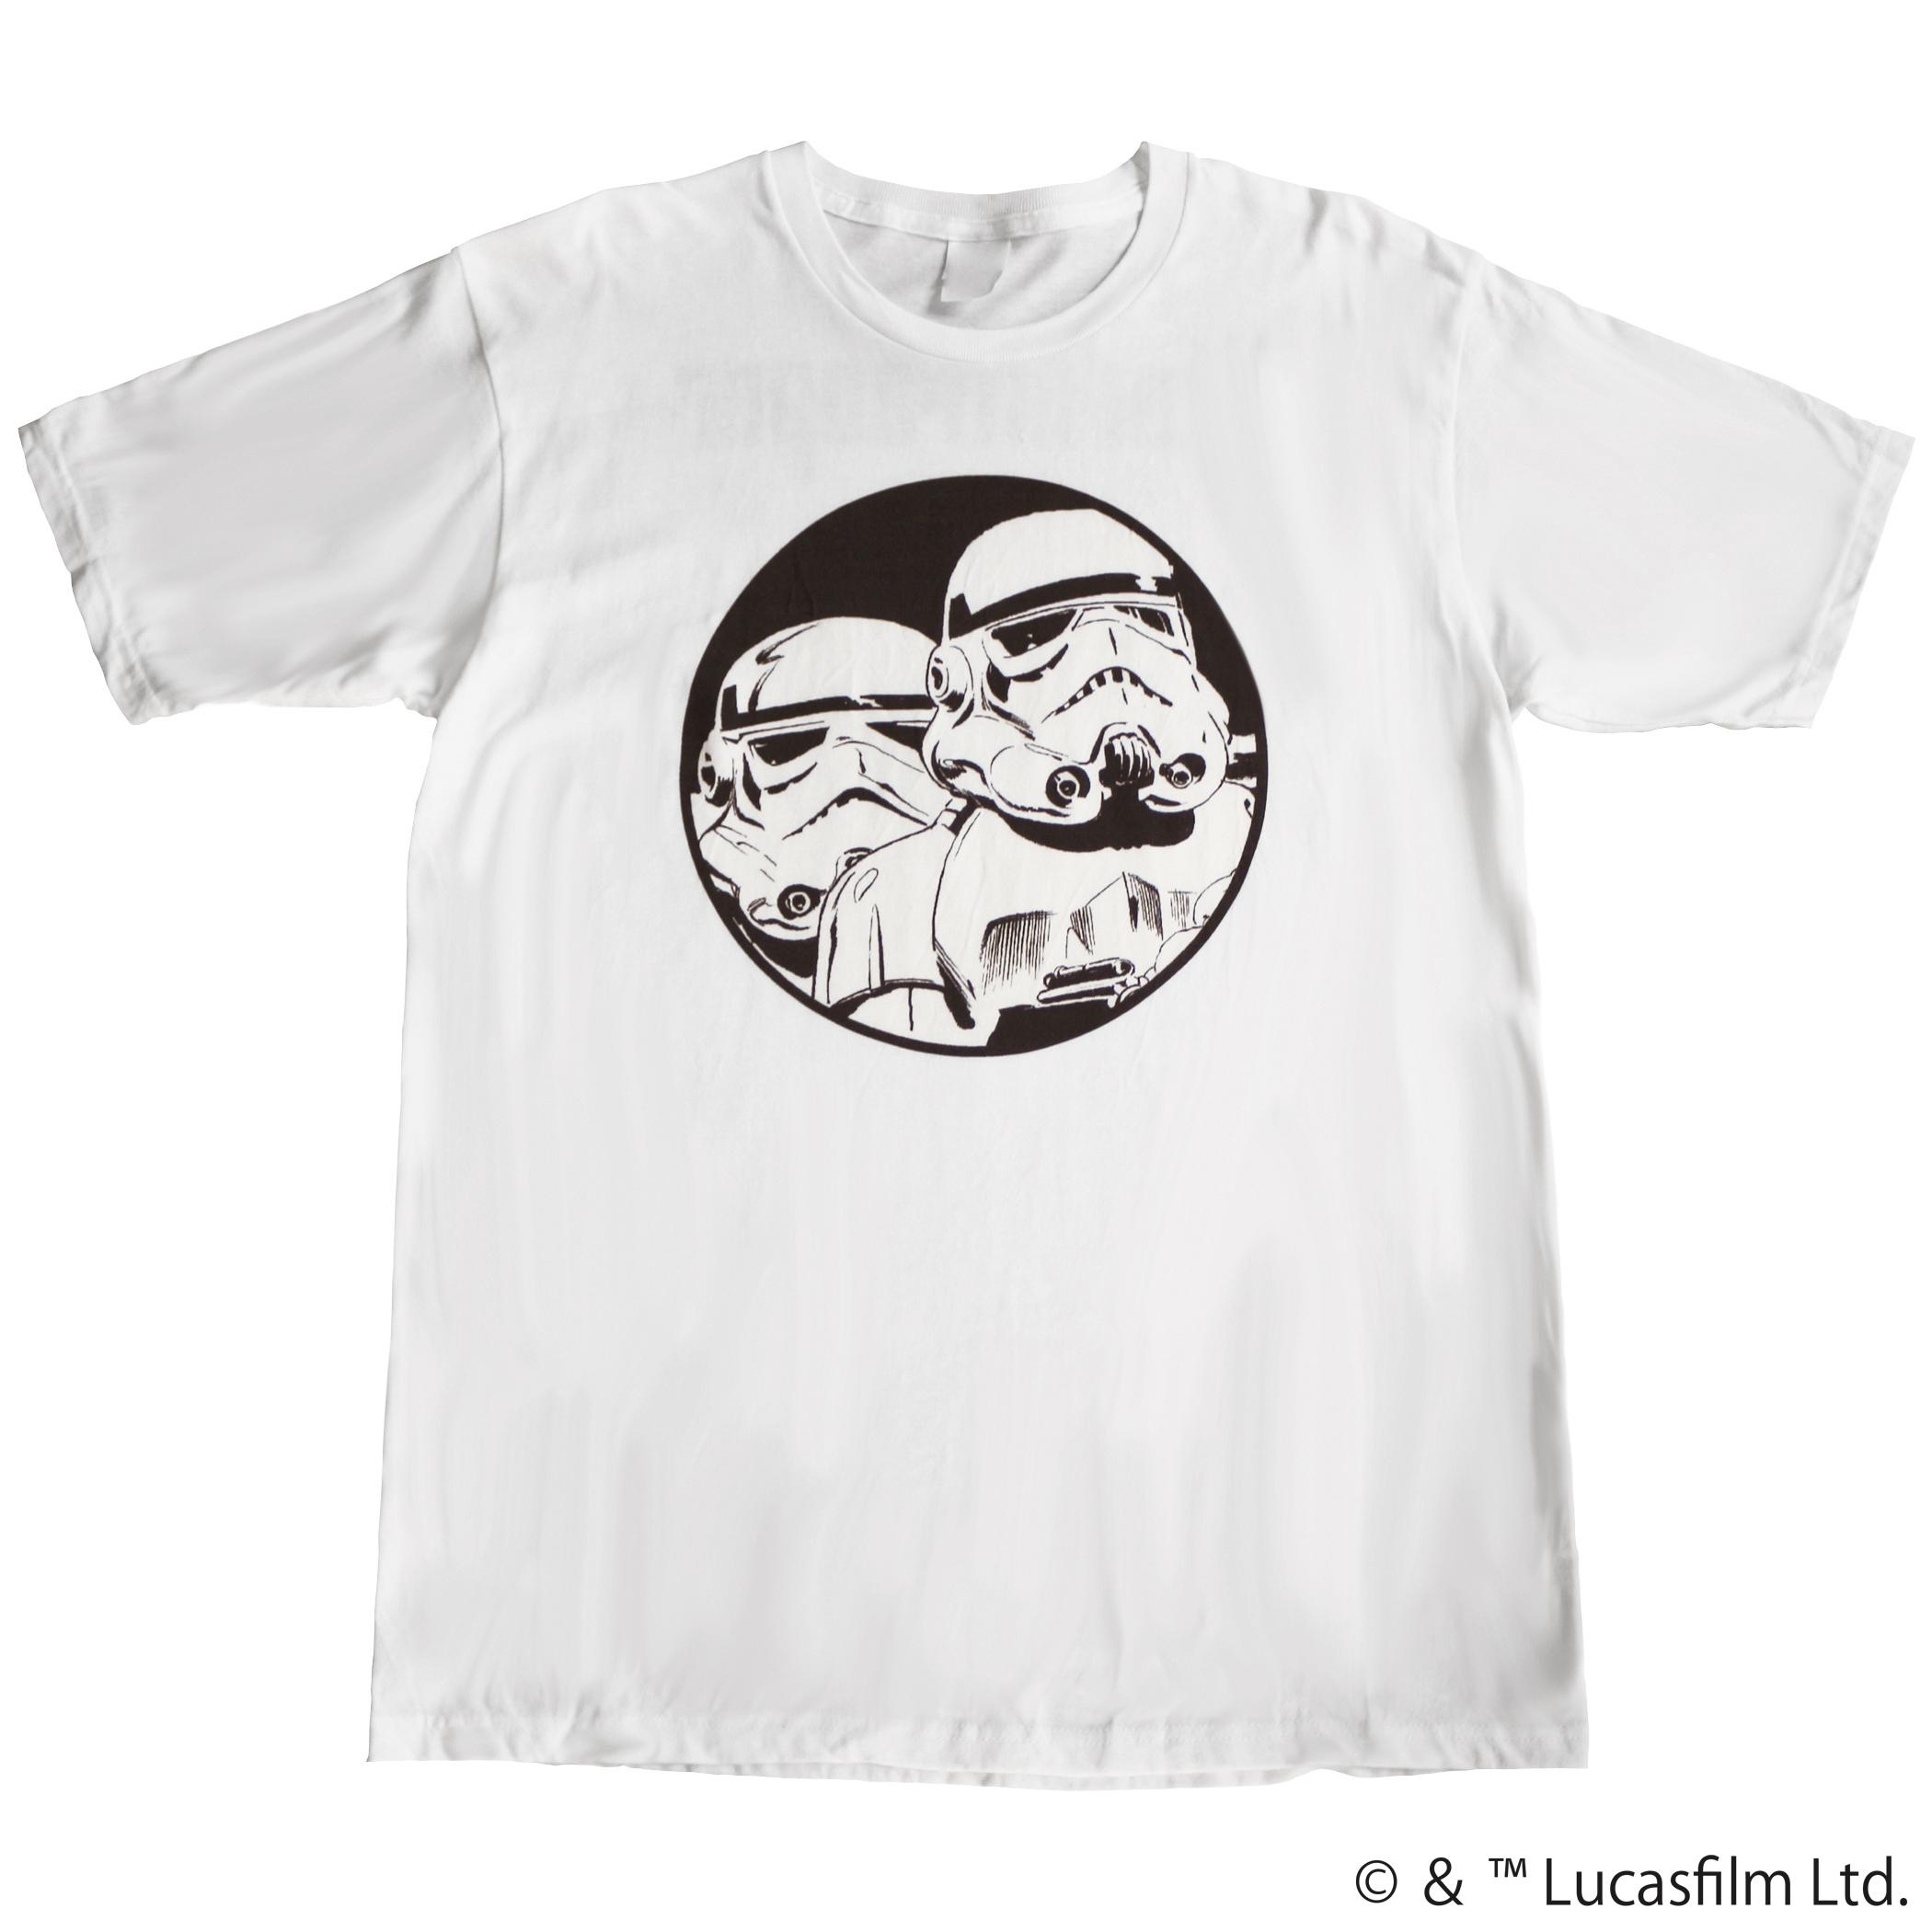 【スター・ウォーズ】ストームトルーパー 両面プリントTシャツ